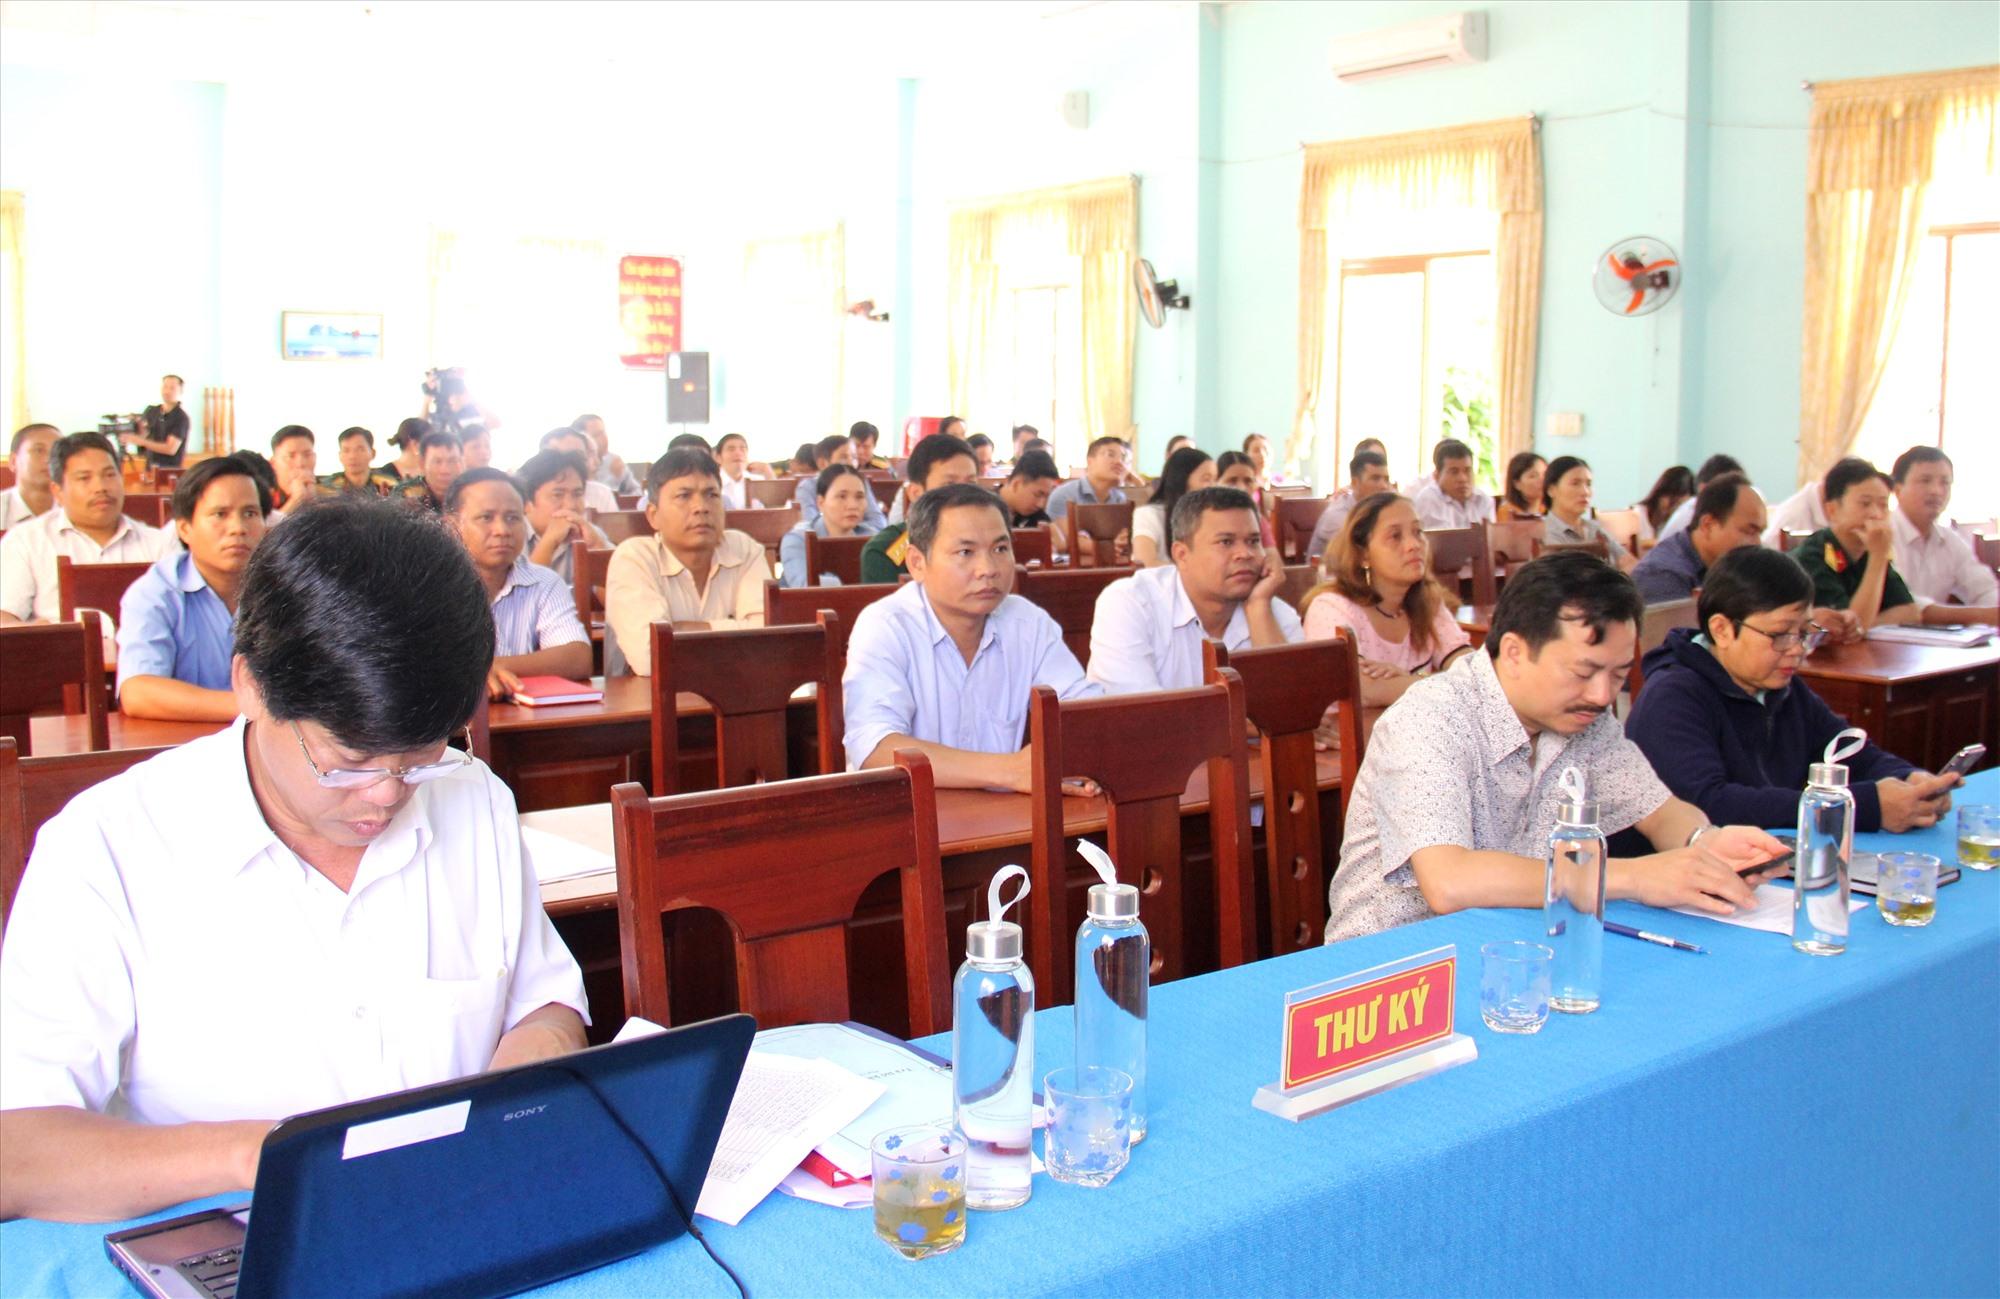 Đông đảo cử tri huyện Đông Giang tham dự buổi tiếp xúc. Ảnh: A.N